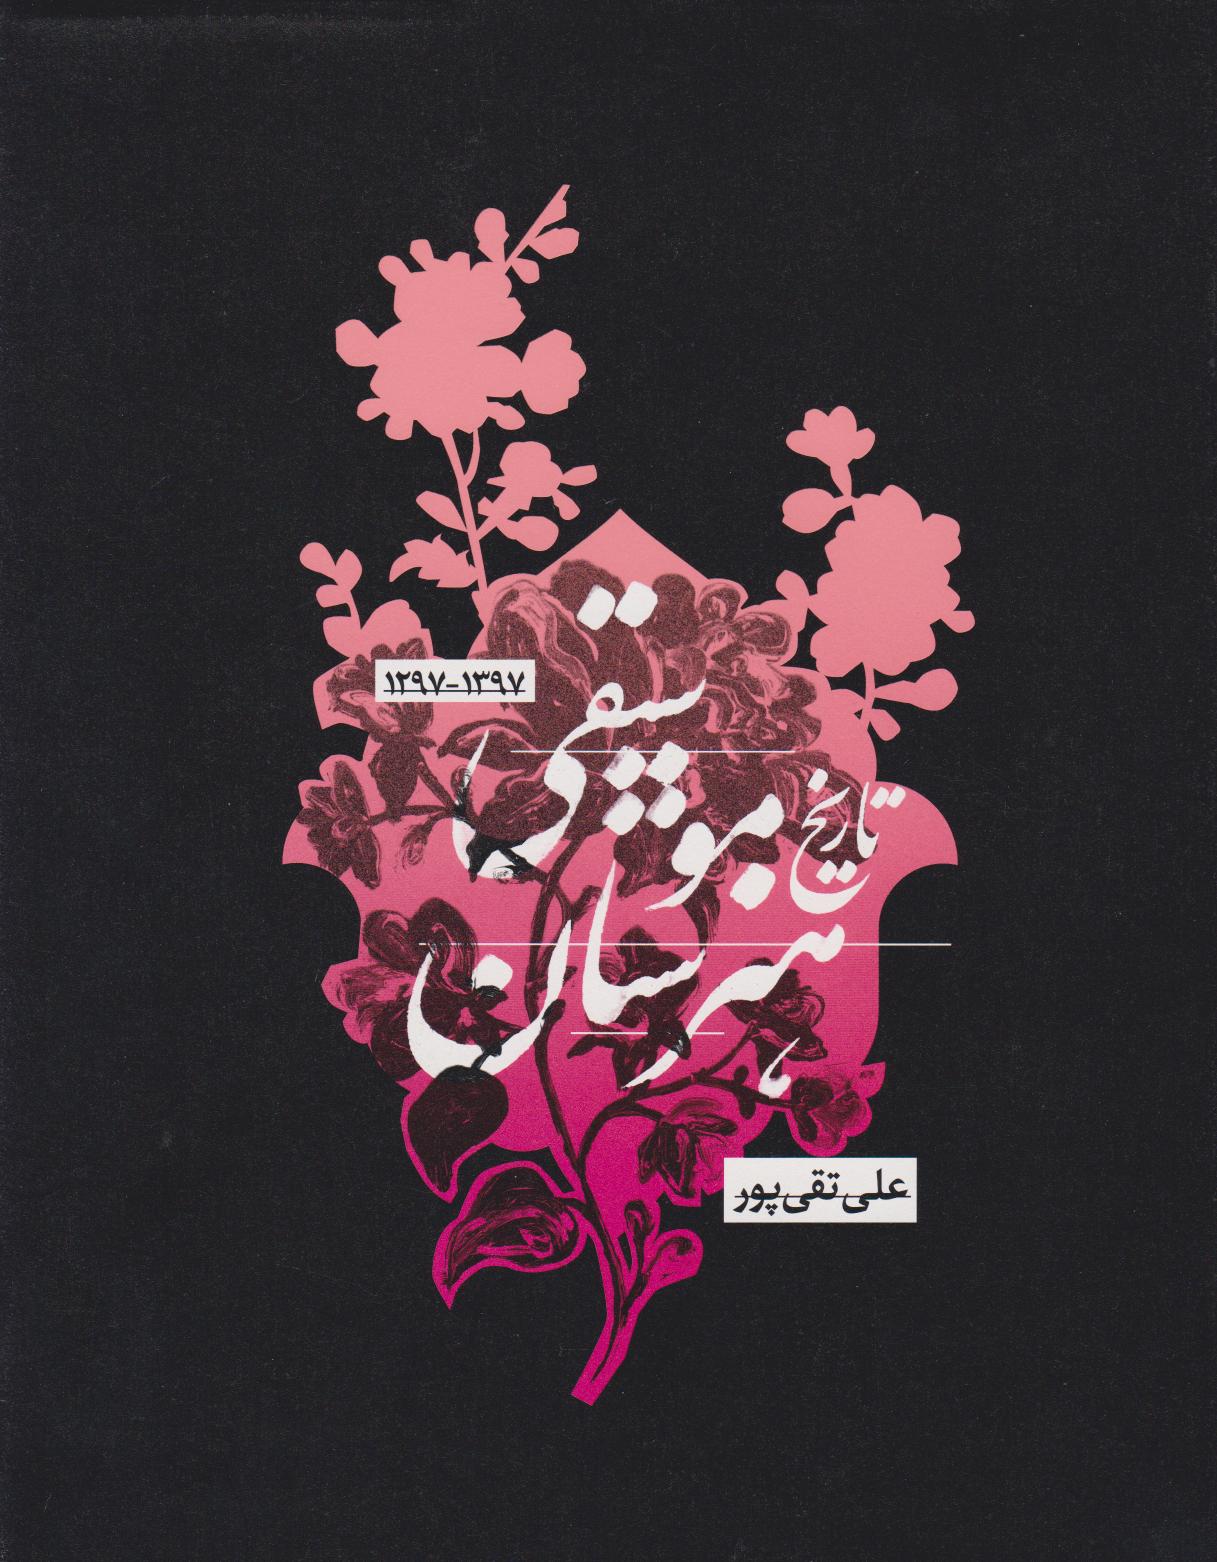 کتاب تاریخ هنرستان موسیقی علی تقیپور انتشارات هنرهای معاصر